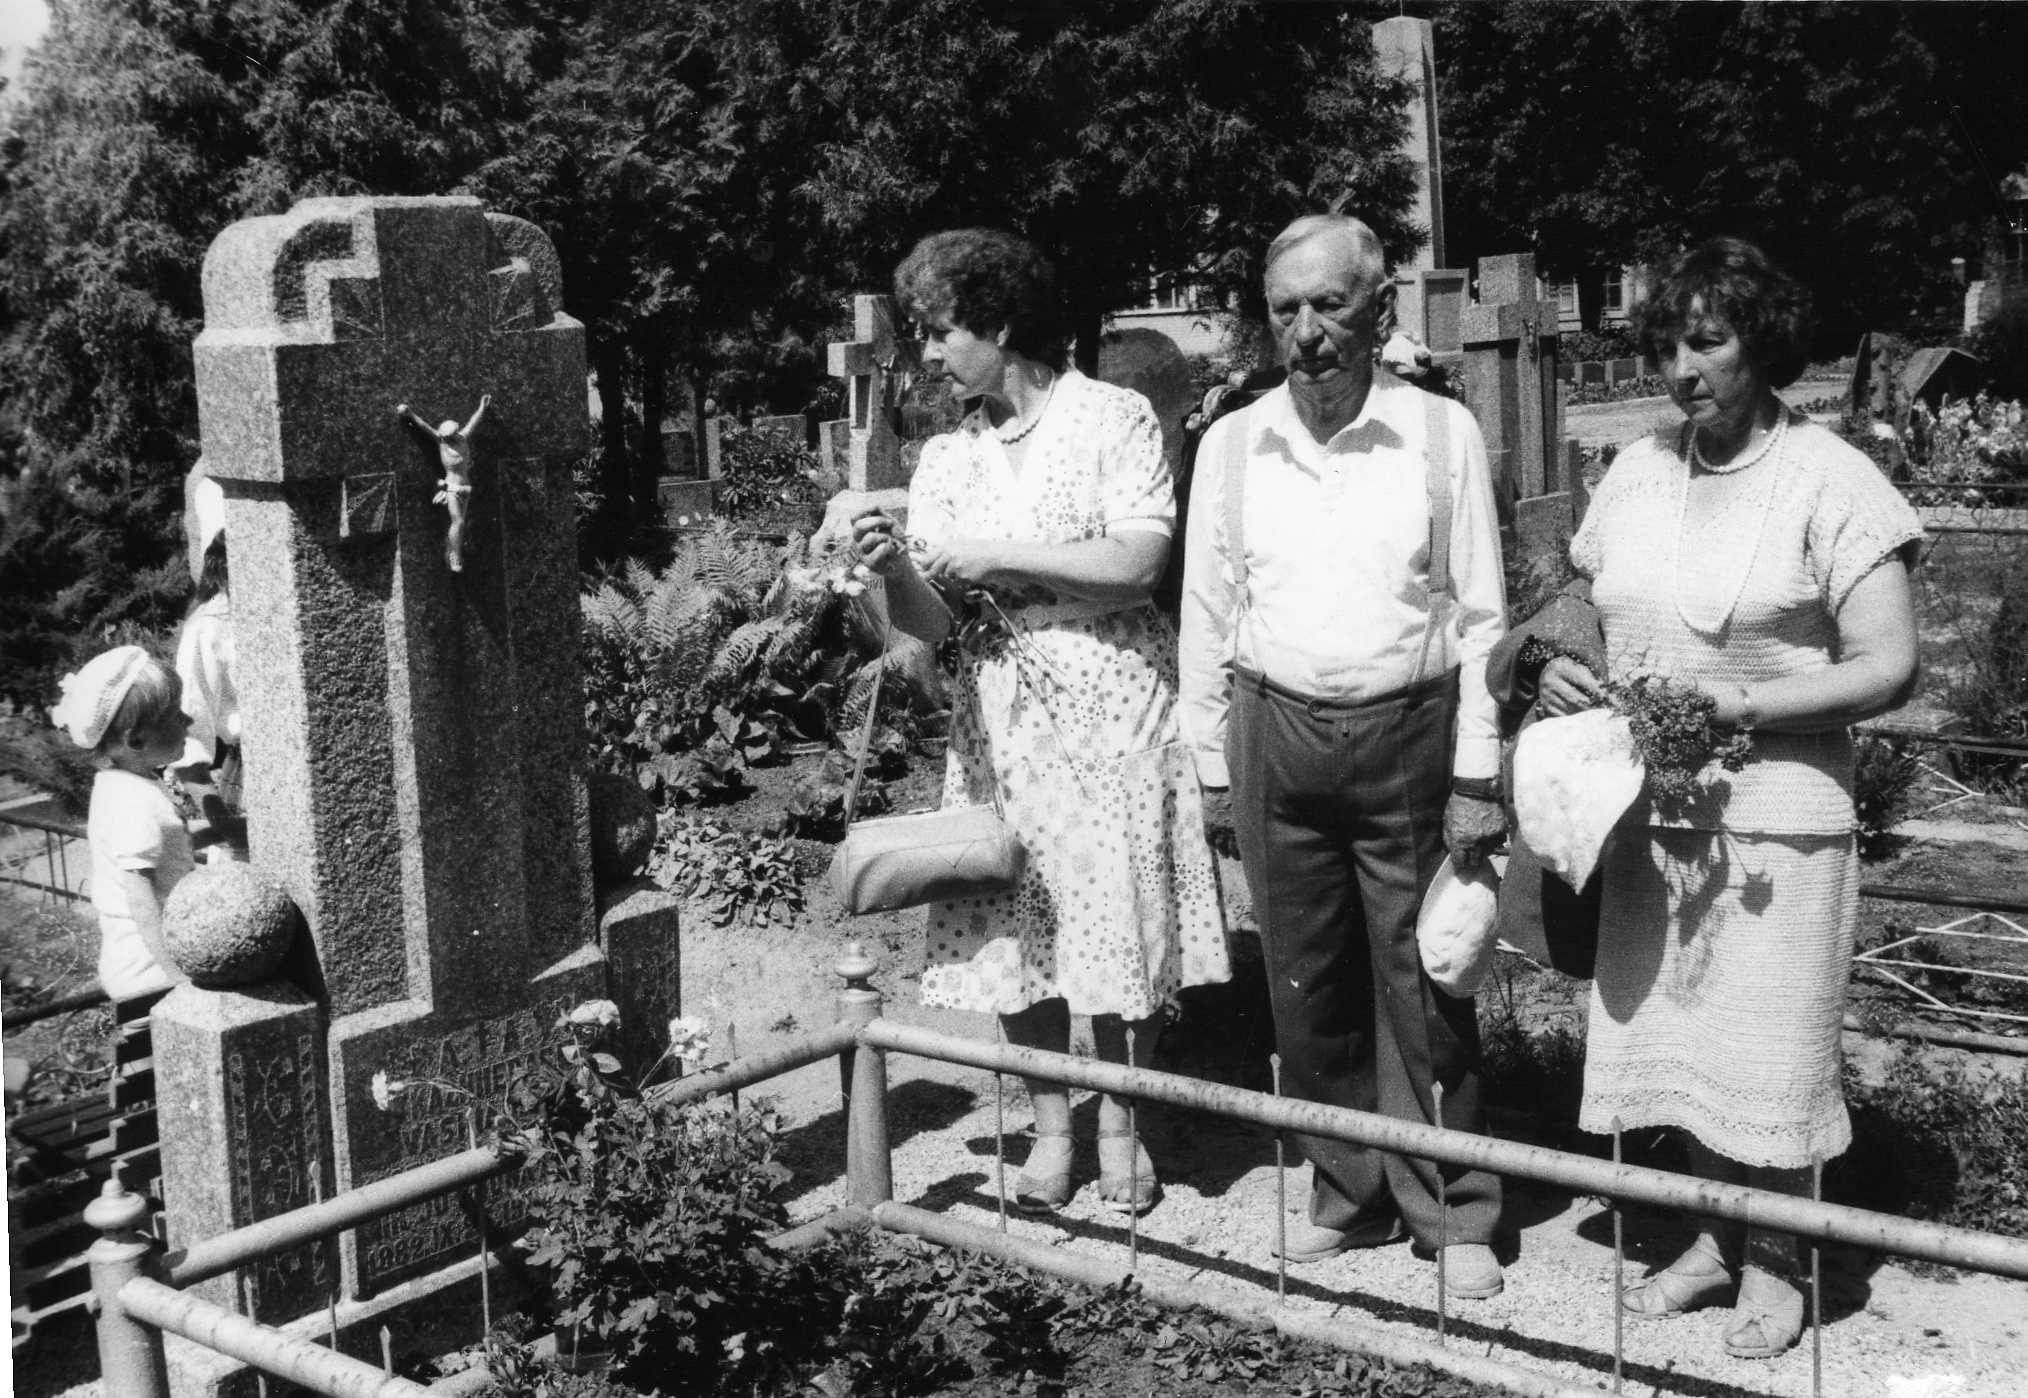 Vasinauskų kapas Pasvalio miesto kapinėse, Stoties g. Prie kapo stovi profesorius, agronomas Petras Vasinauskas su dukterimi Ona Laimute Tindžiuliene (Vasinauskaite) (pirma iš dešinės). 1989 m.